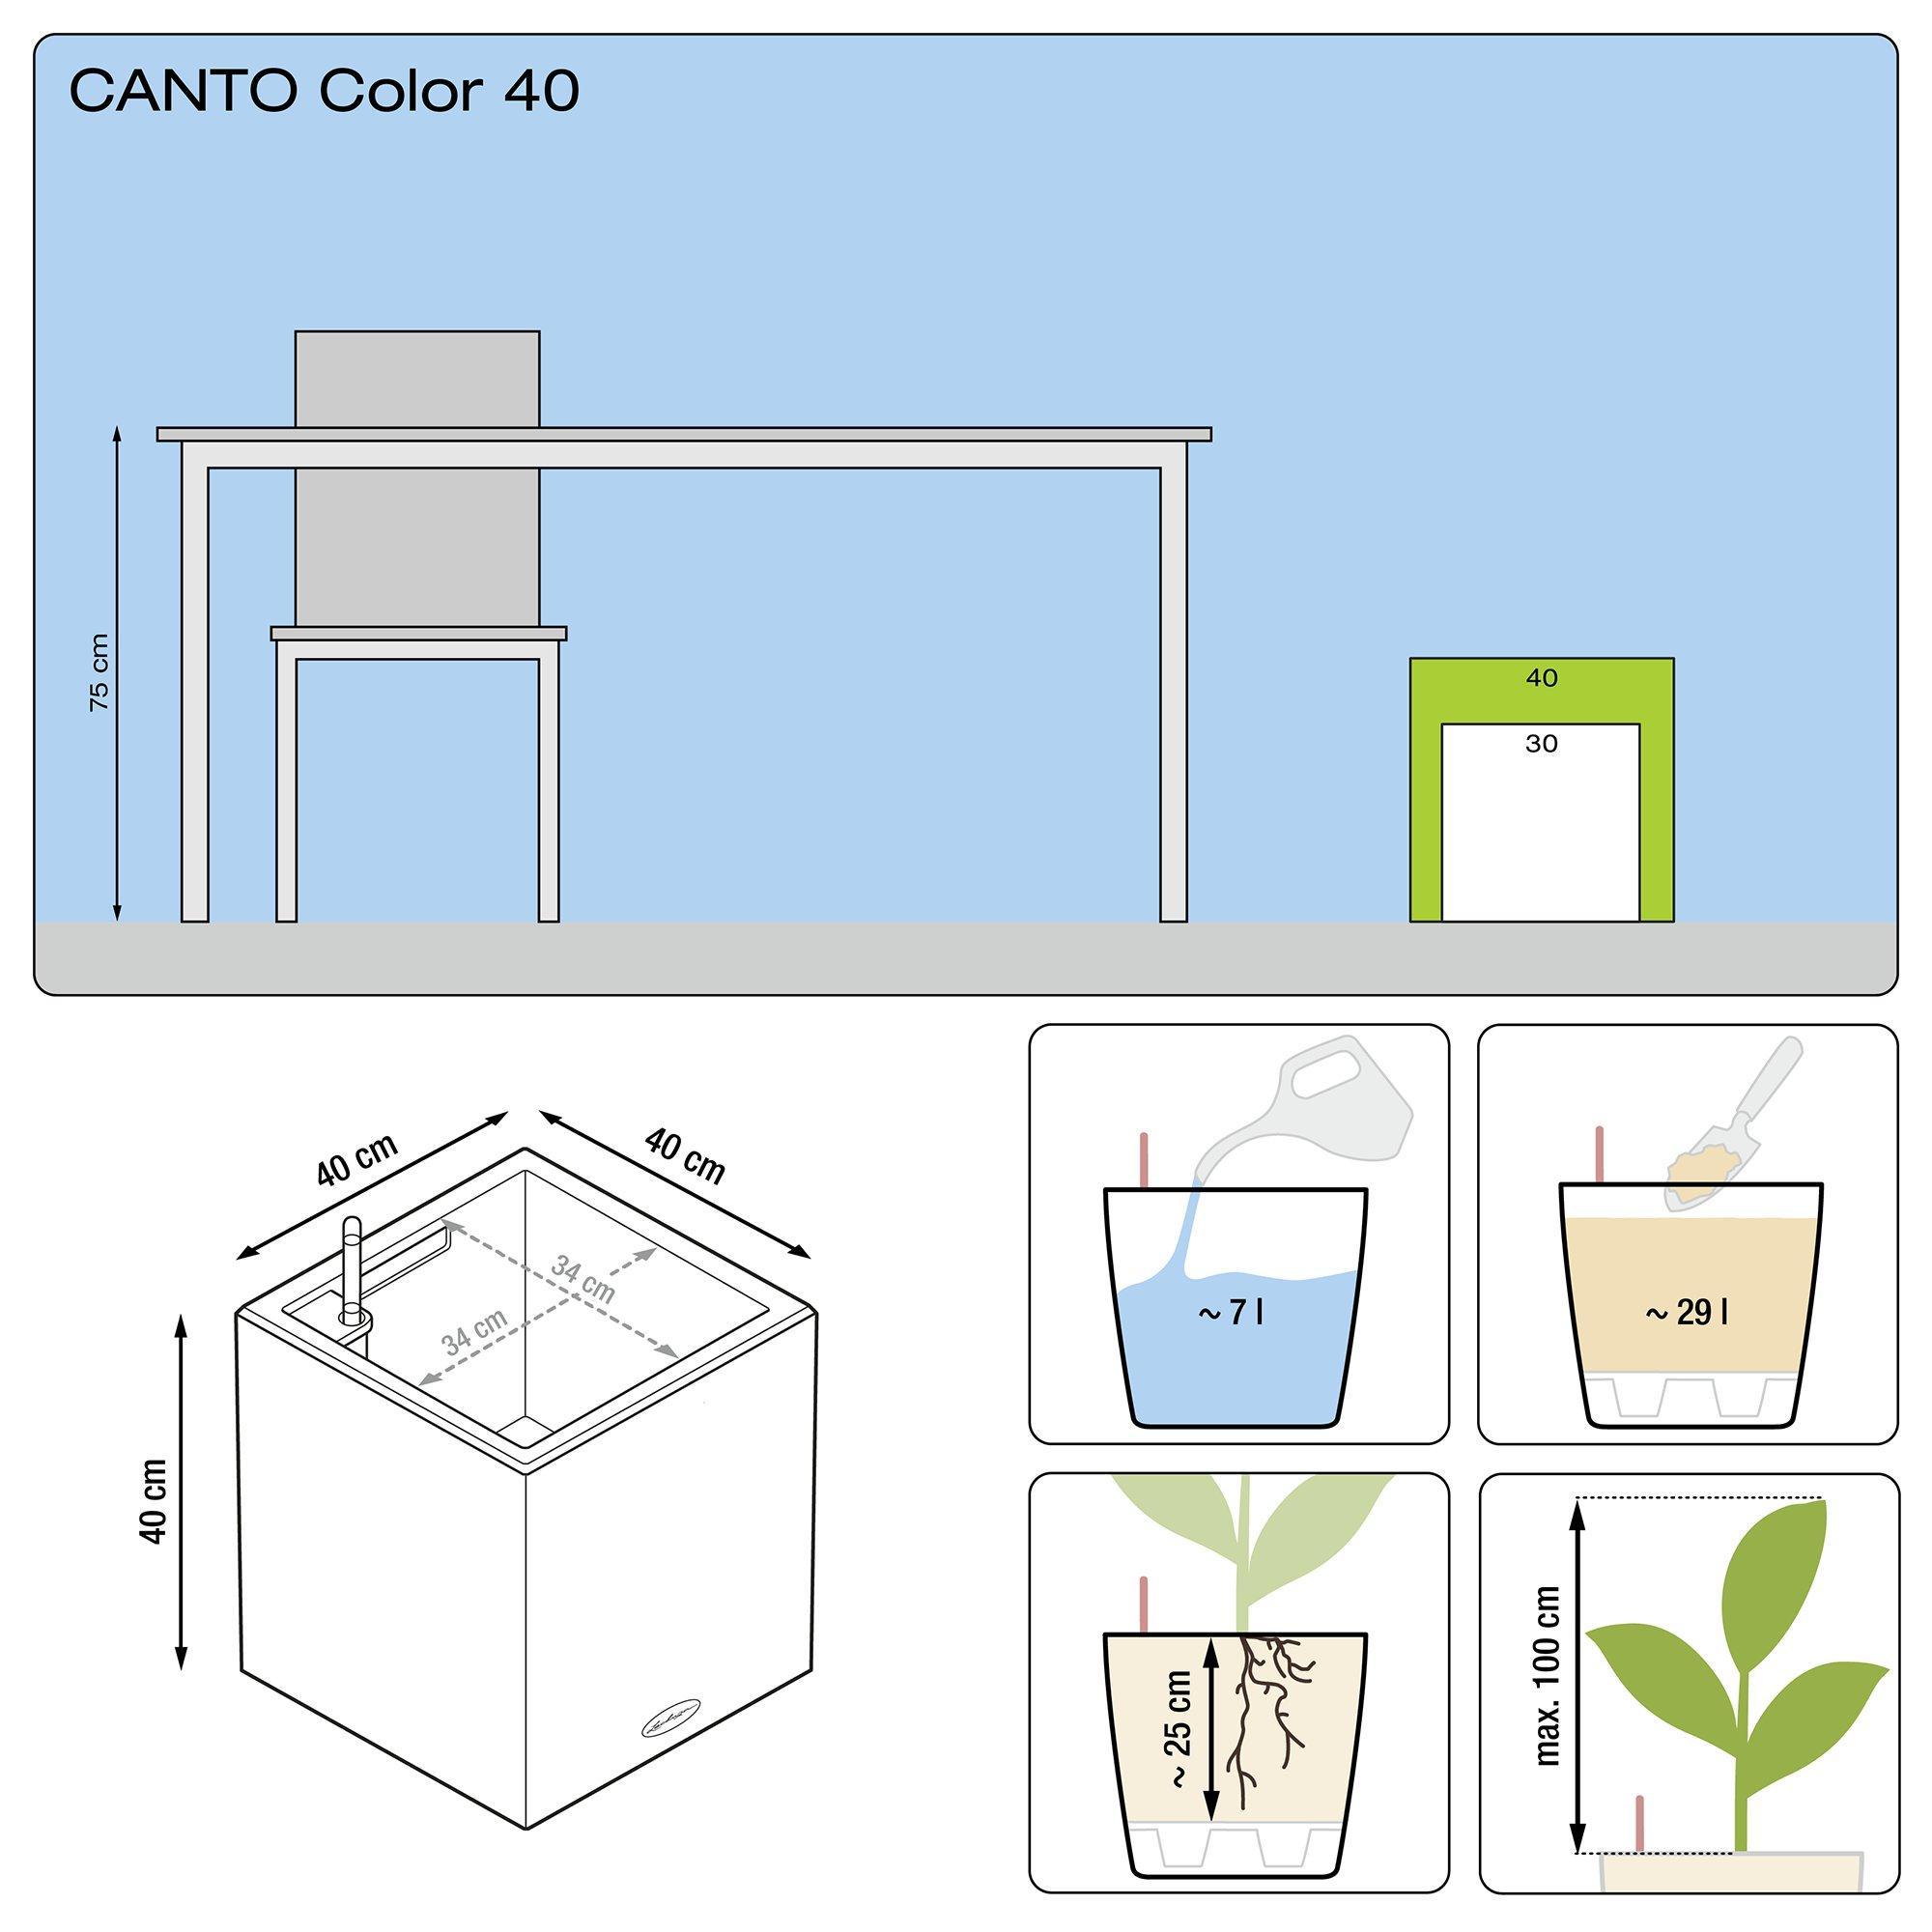 le_canto-color-wuerfel40_product_addi_nz